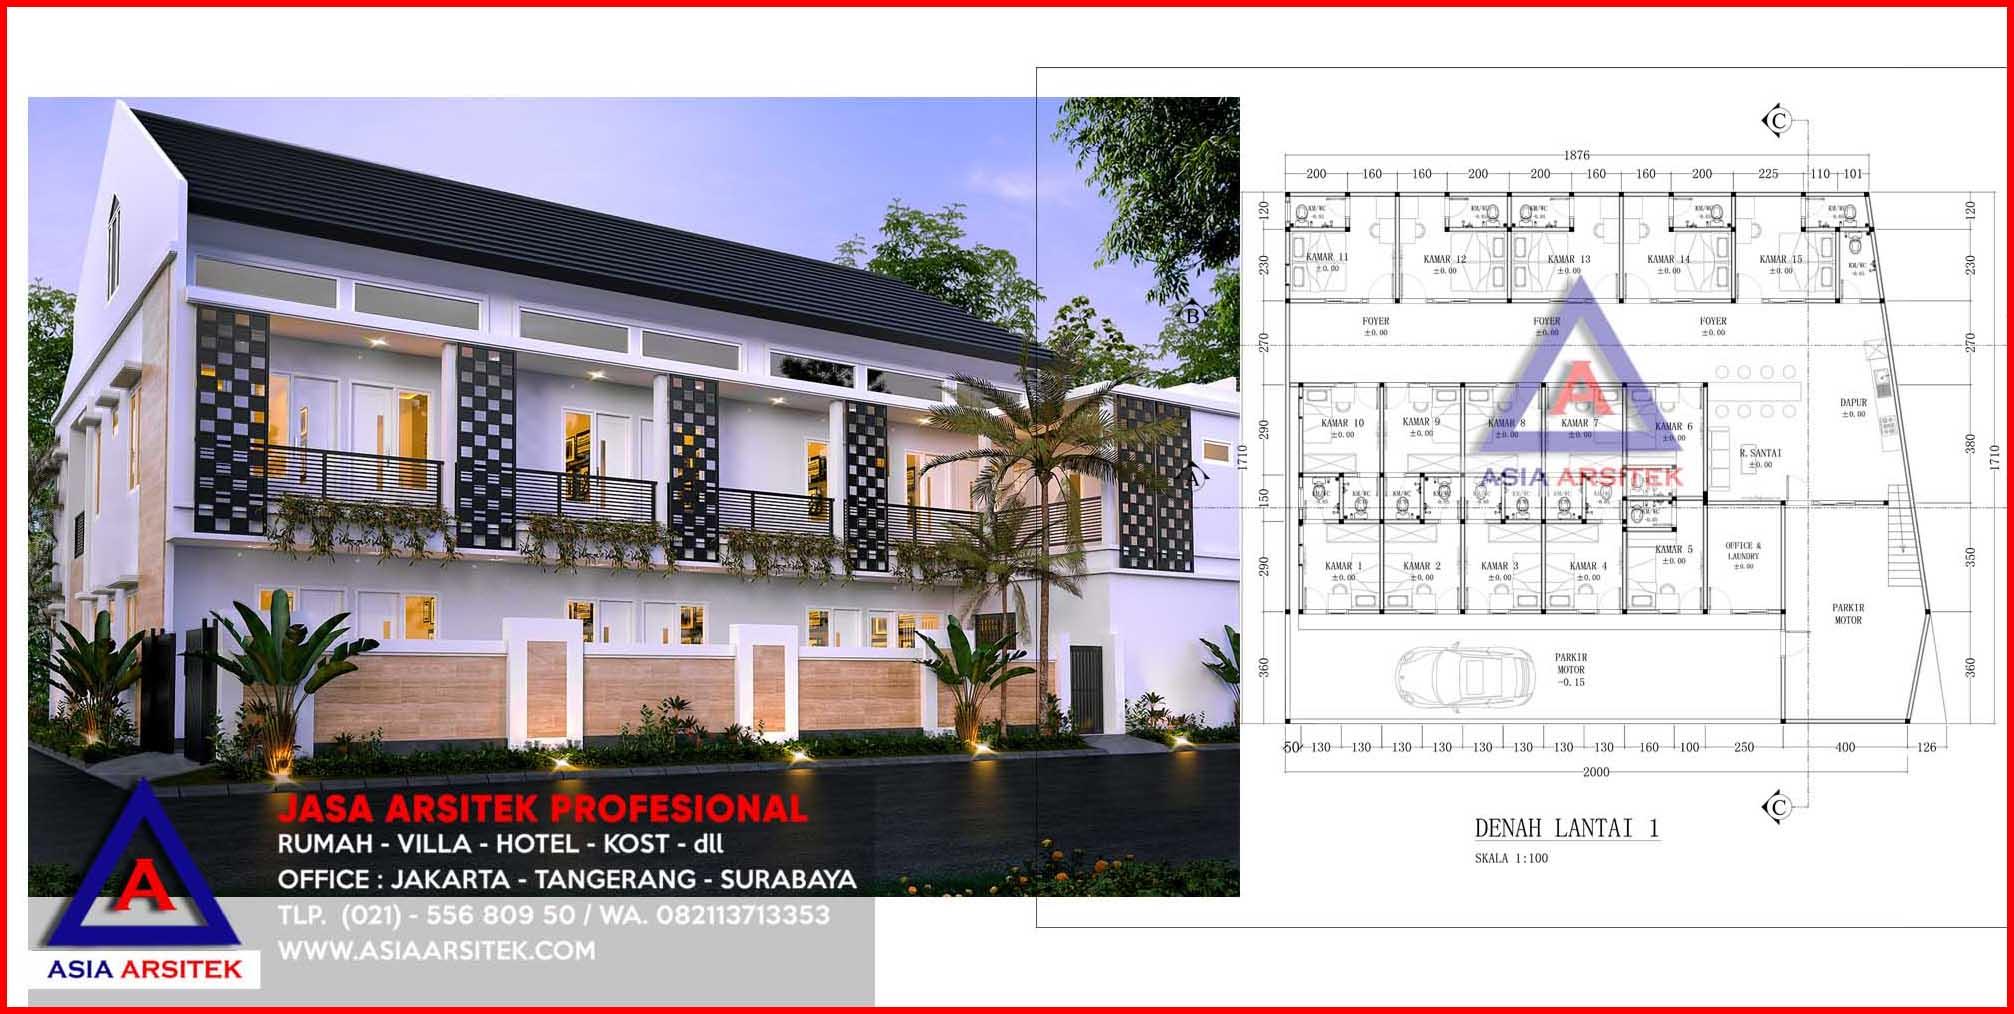 Jasa Arsitek Desain Bangun Rumah Kost 2 Lantai Di Depok Murah